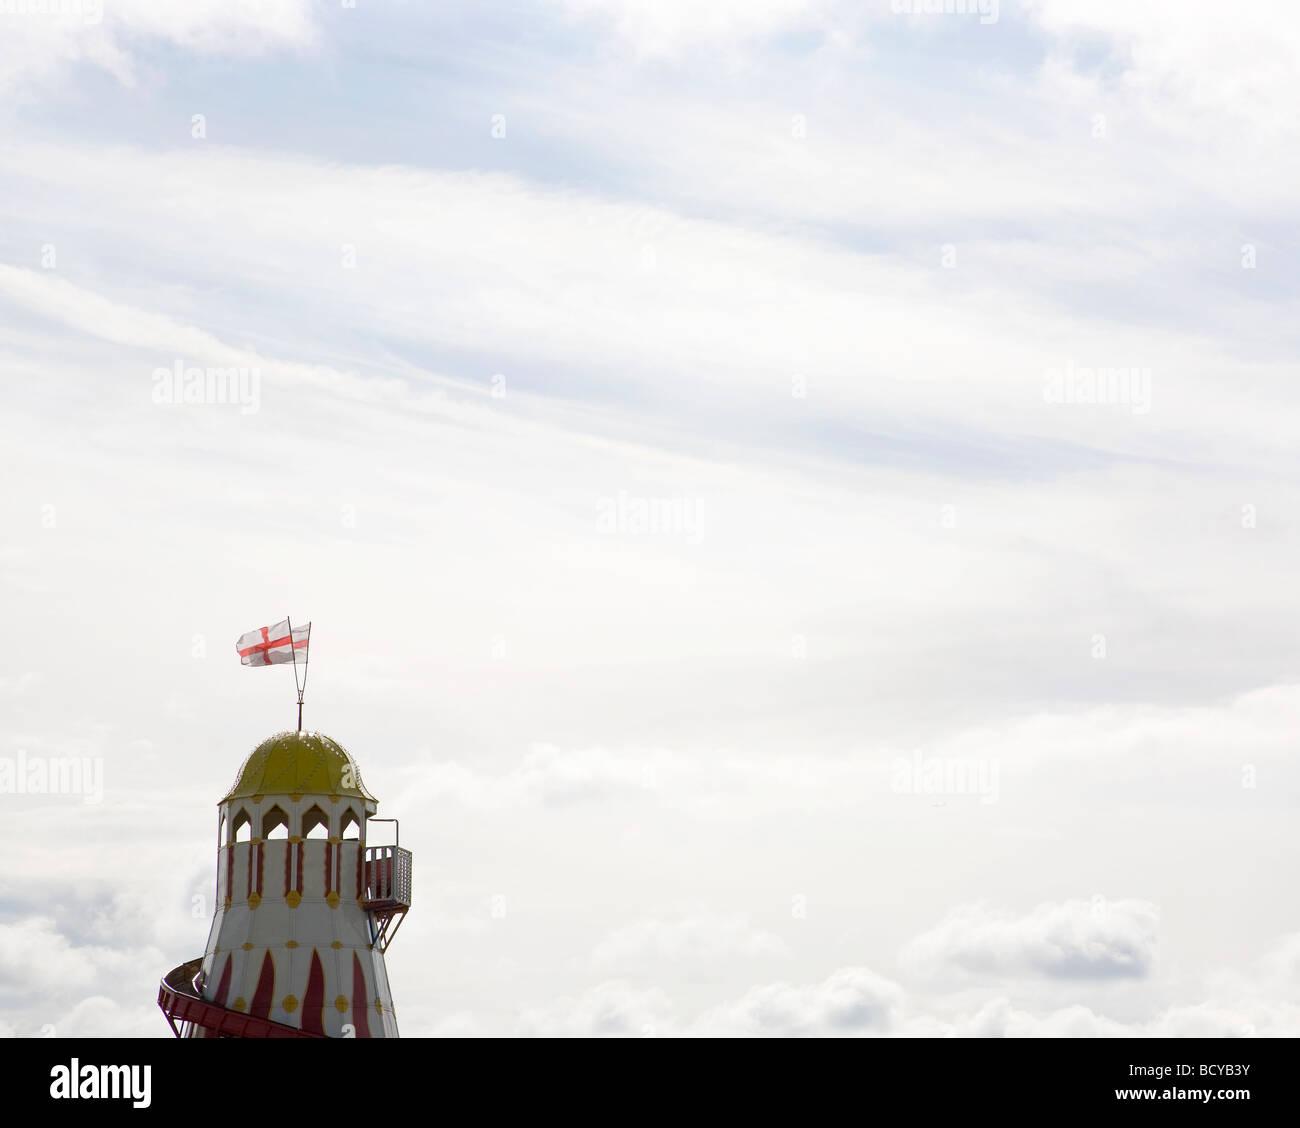 Helter Skelter Sky - Stock Image